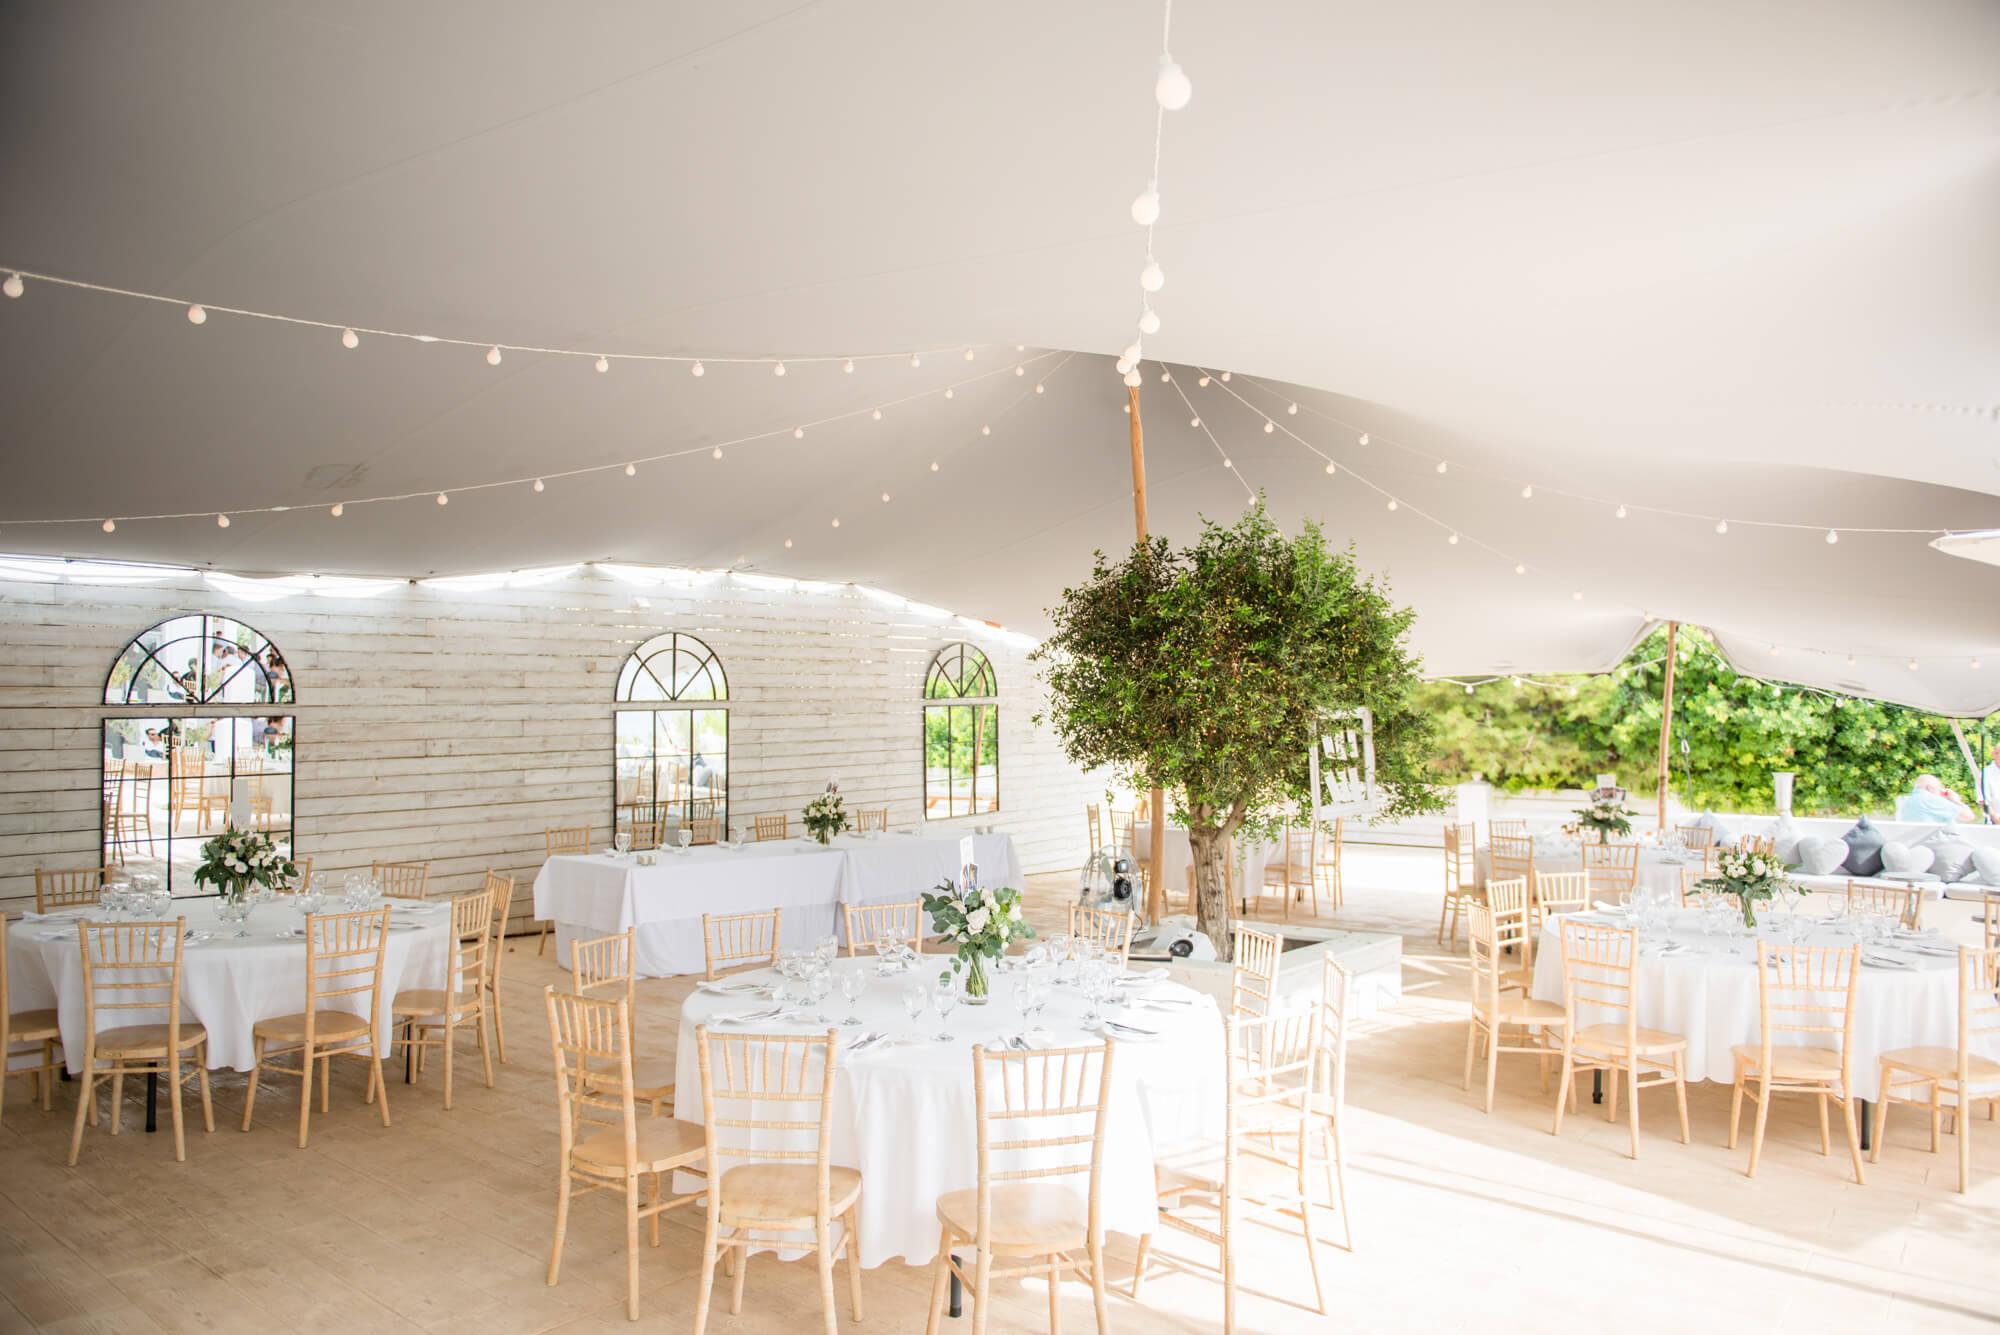 dinner tent wedding tables white rose table centers festoon lights seaside venue